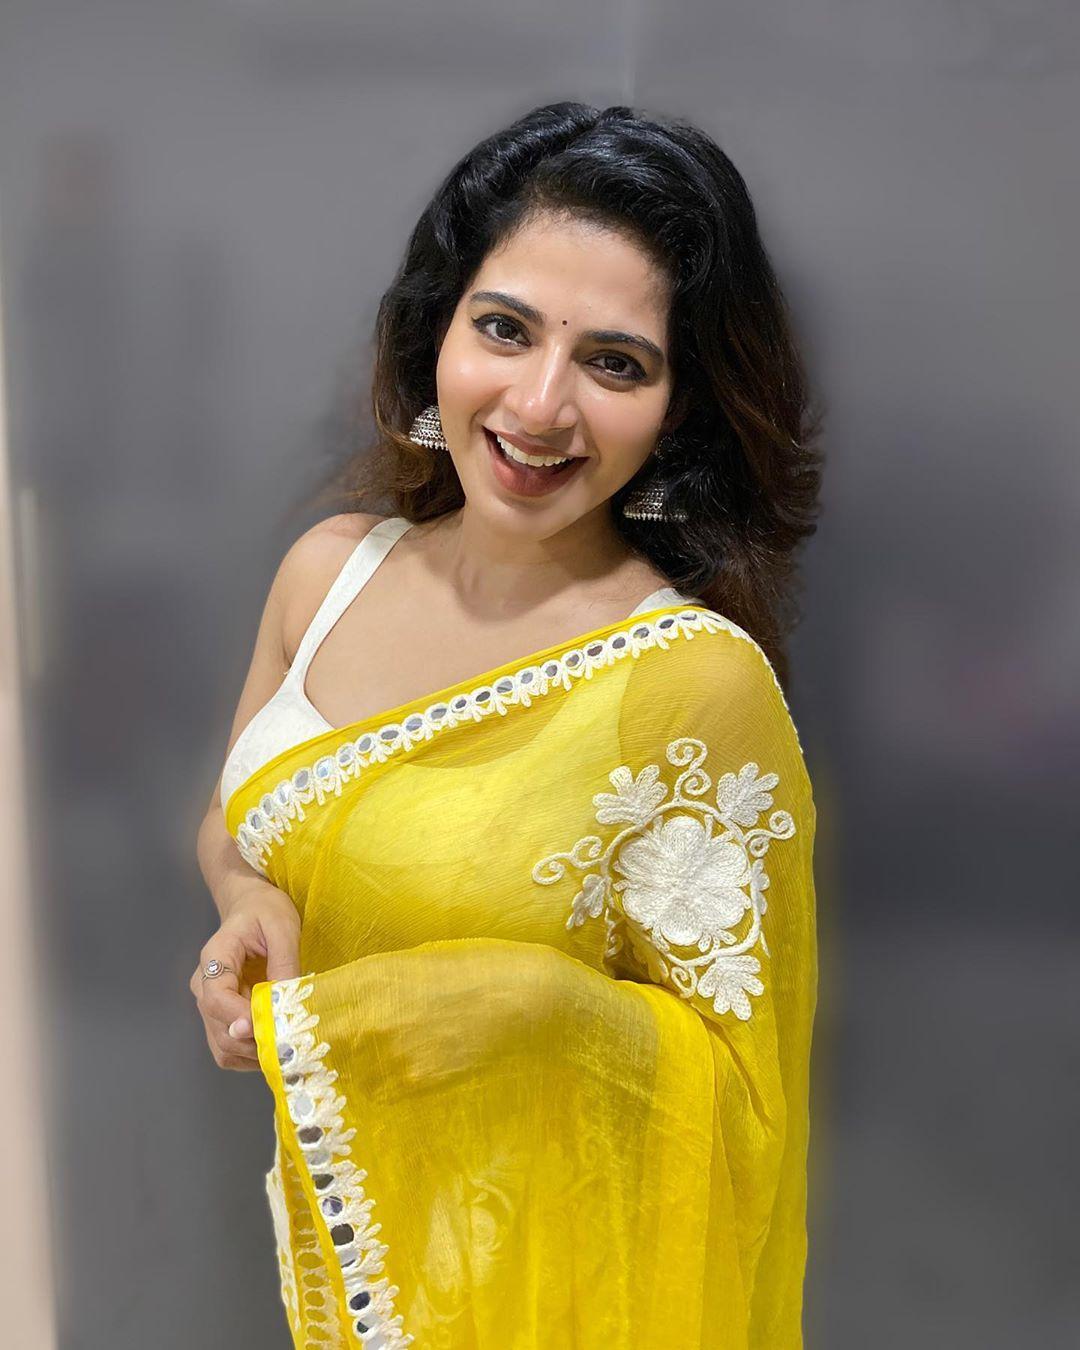 Tamil actress Iswarya Menon Yellow Saree photos